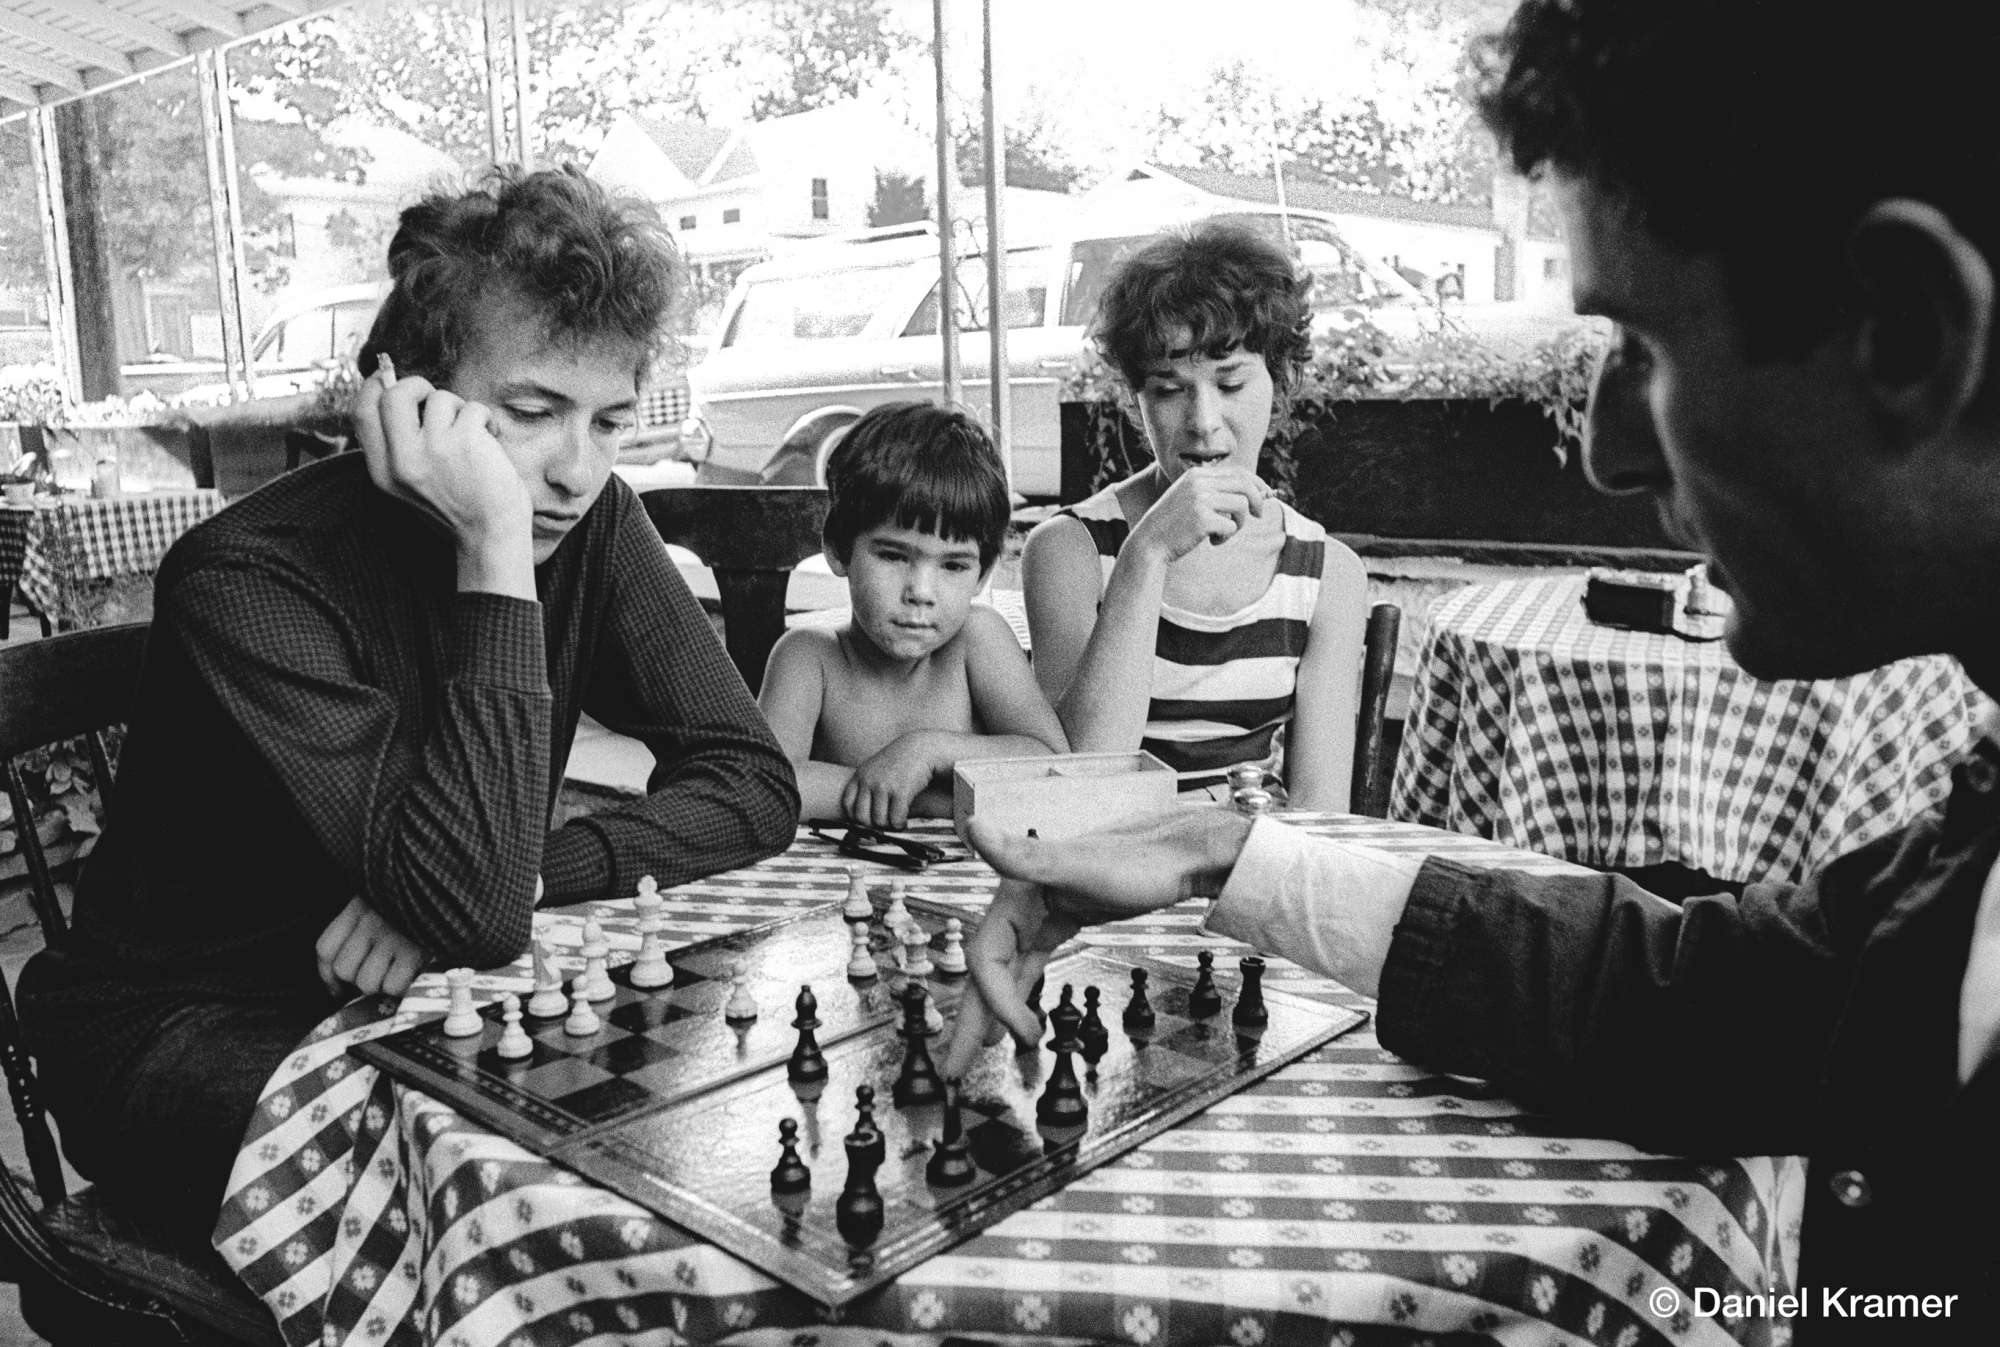 Μία παρτίδα σκάκι με τον μάνατζερ της περιοδείας του Βίκτορ Μέιμουντς, στο αγαπημένο στέκι του Γούντστοκ, το καφέ Bernard's . Εκείνη τη μέρα προέκυψε και το εμβληματικό πορτρέτο του Ντίλαν μπροστά από το σκάκι